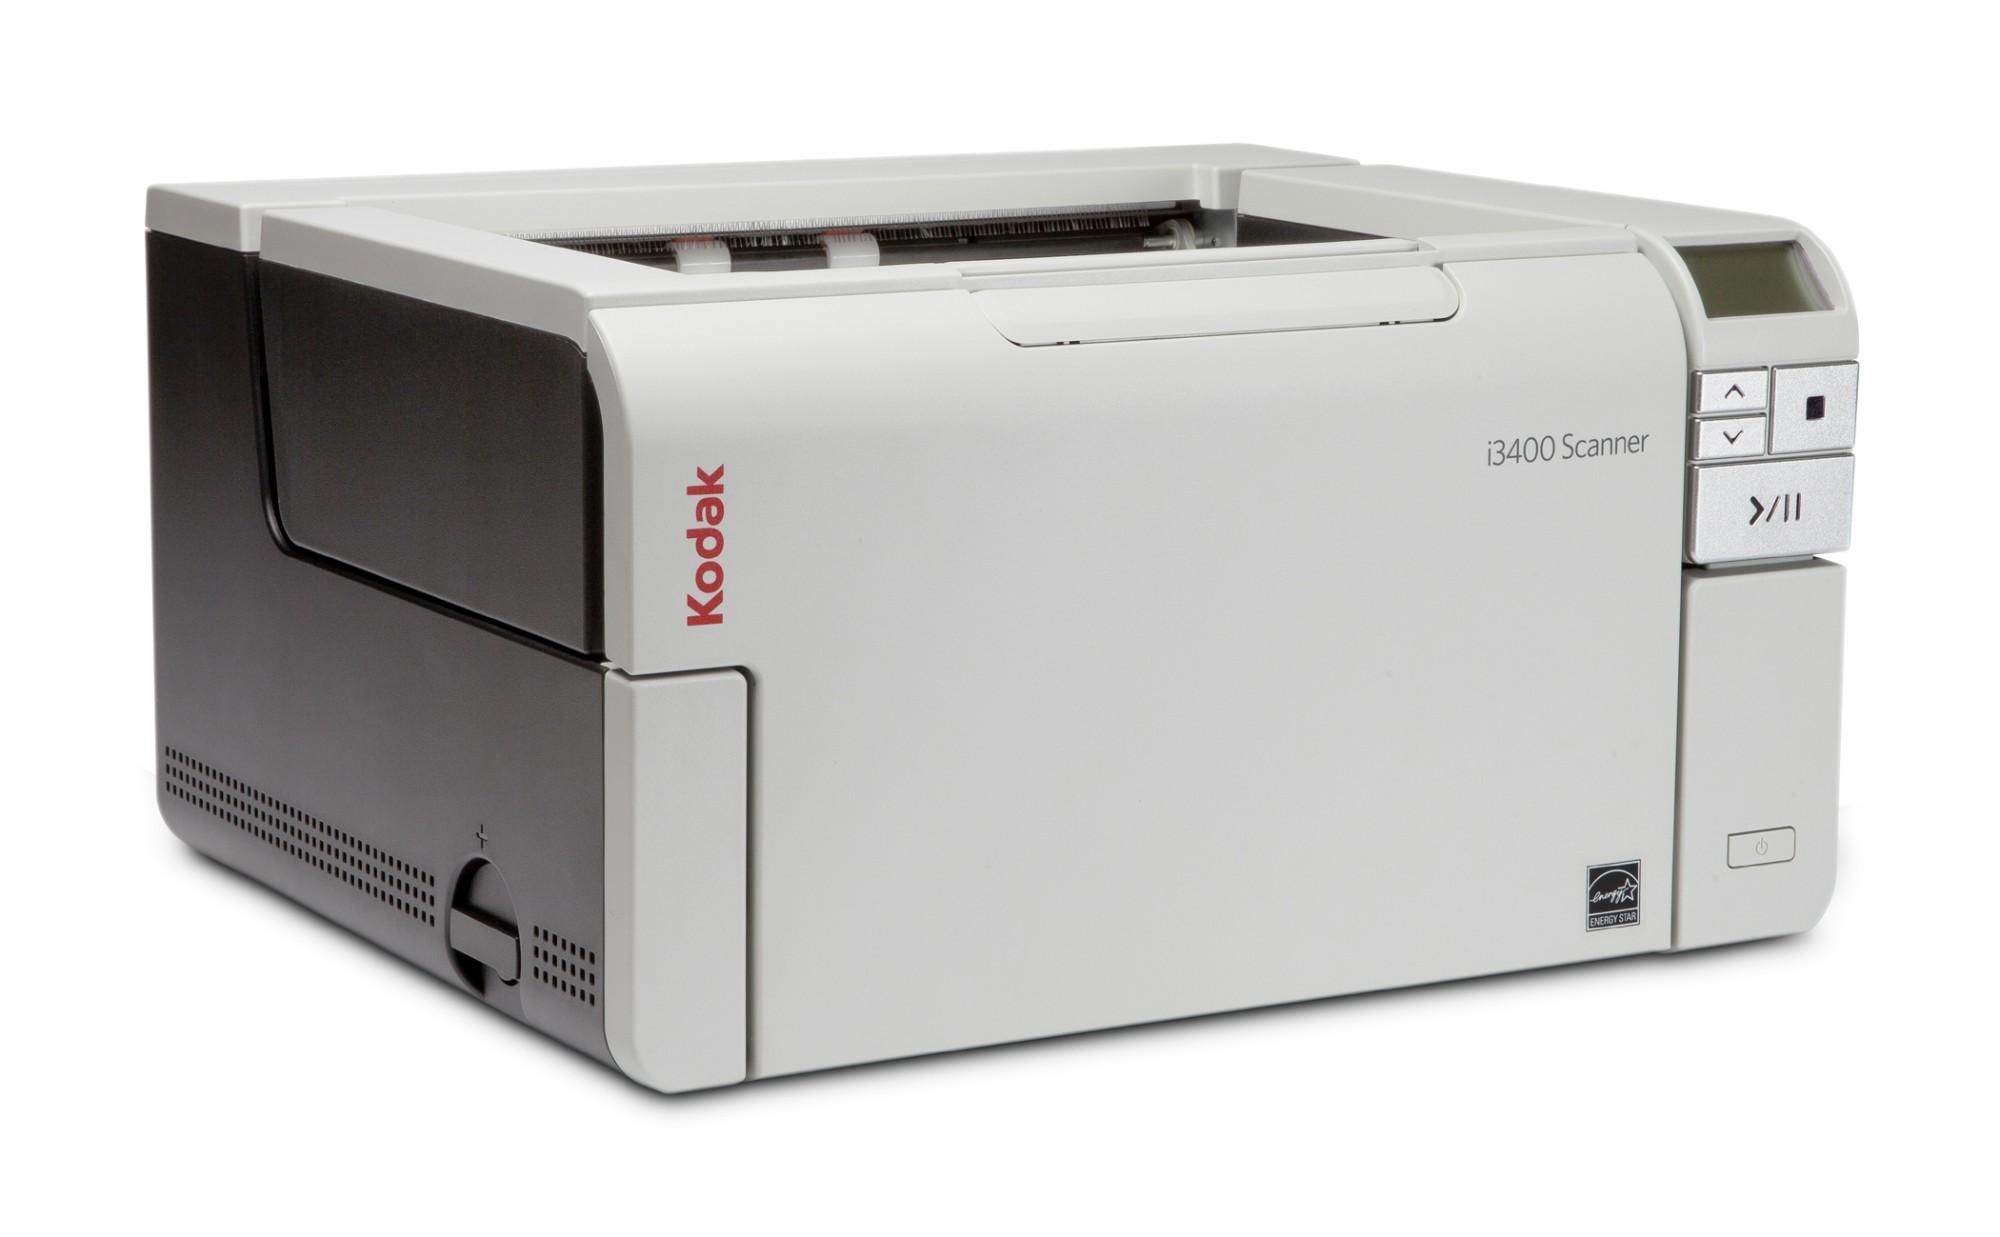 Kodak i3400 Scanner 600 x 600 DPI Escáner con alimentador automático de documentos (ADF) Negro, Gris A3